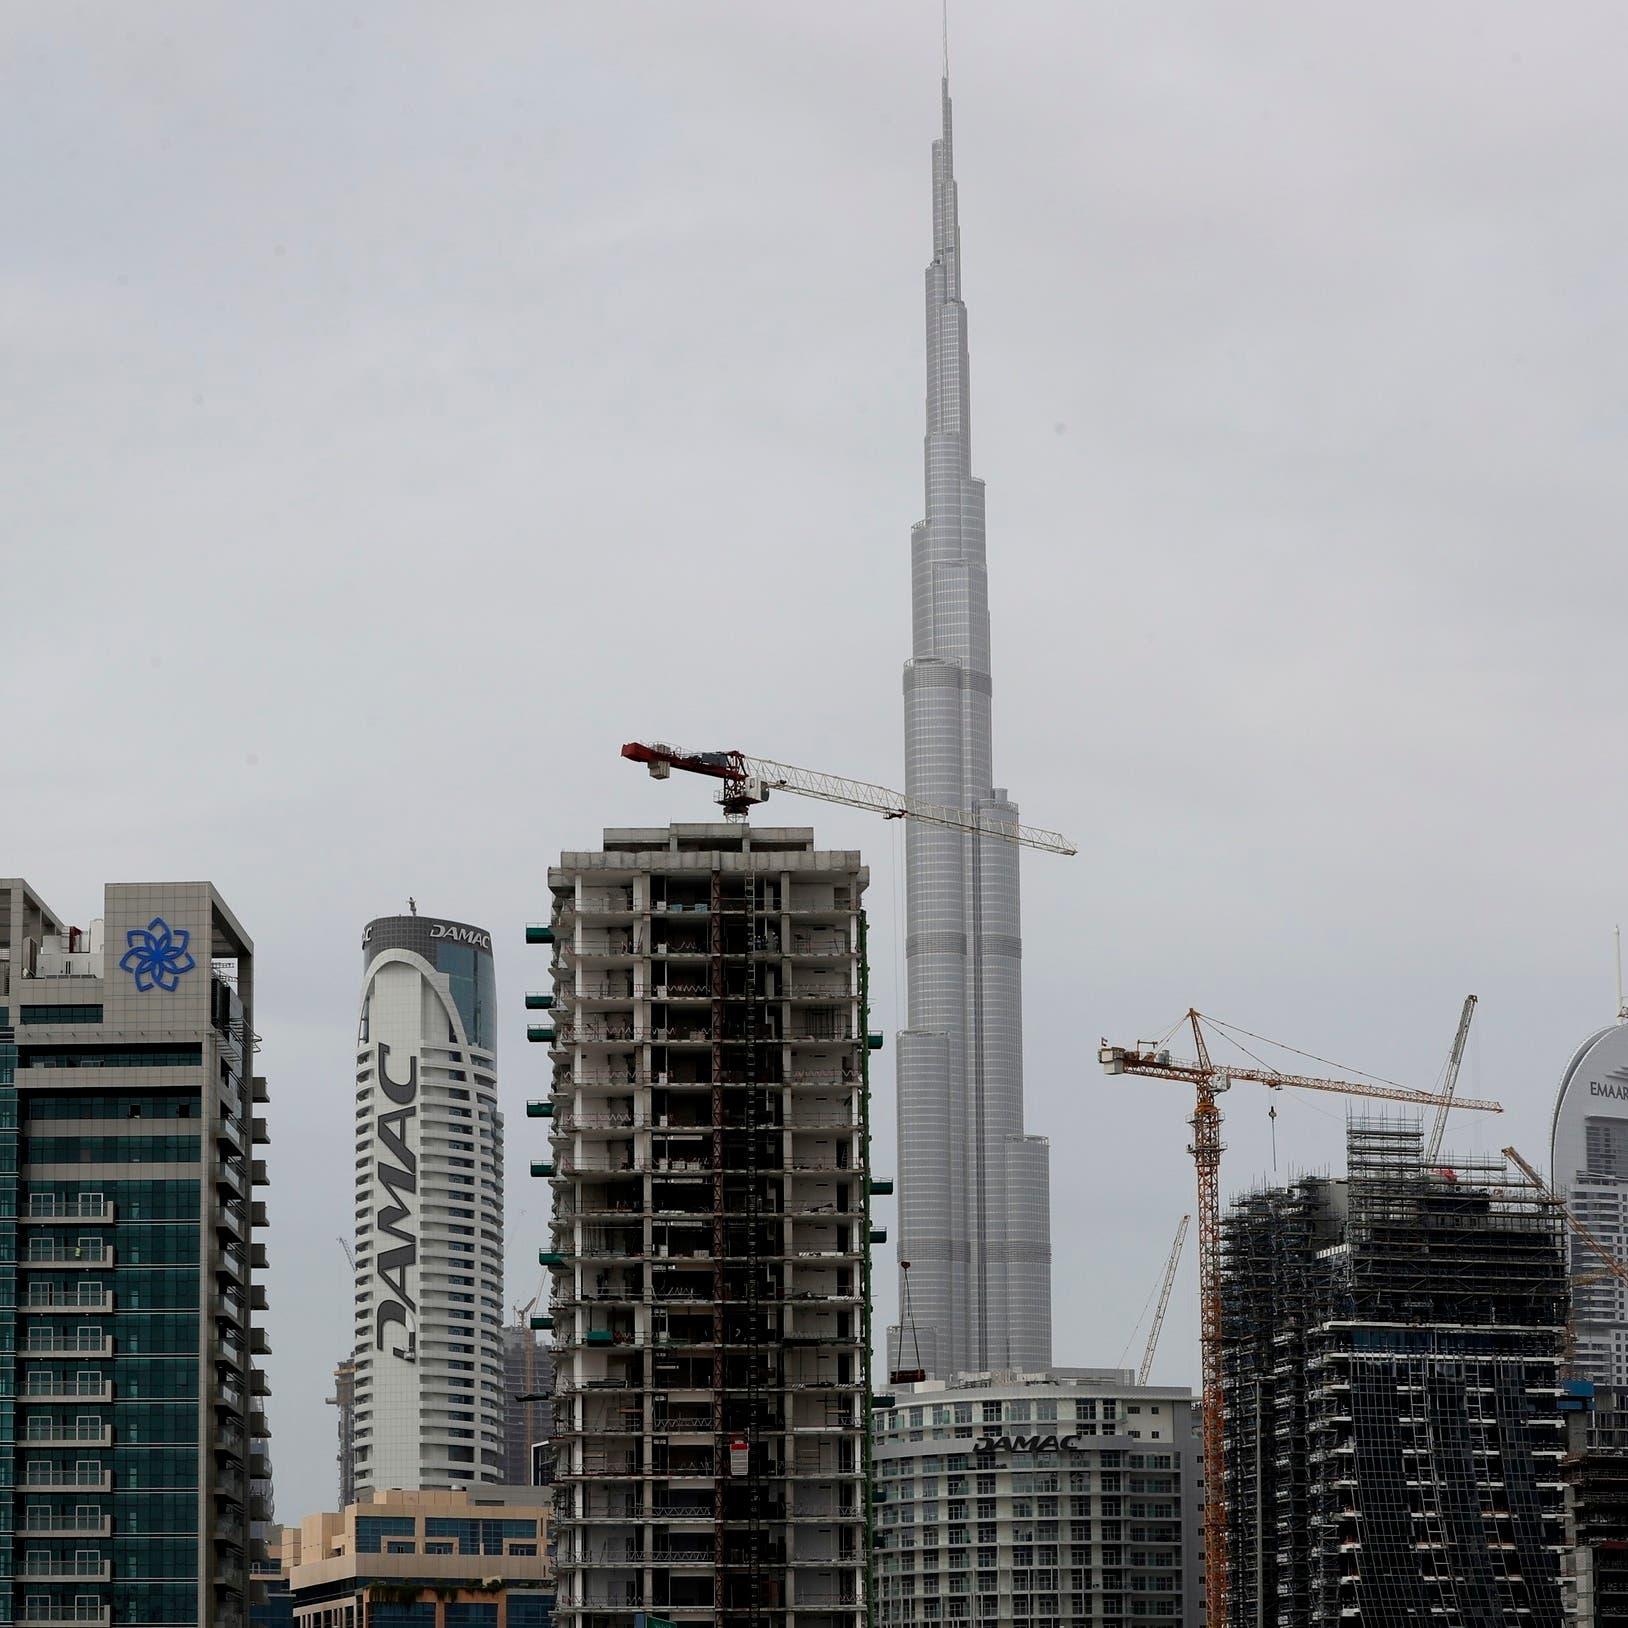 داماك تتوقع انتعاش سوق العقارات الإماراتية بهذا الموعد